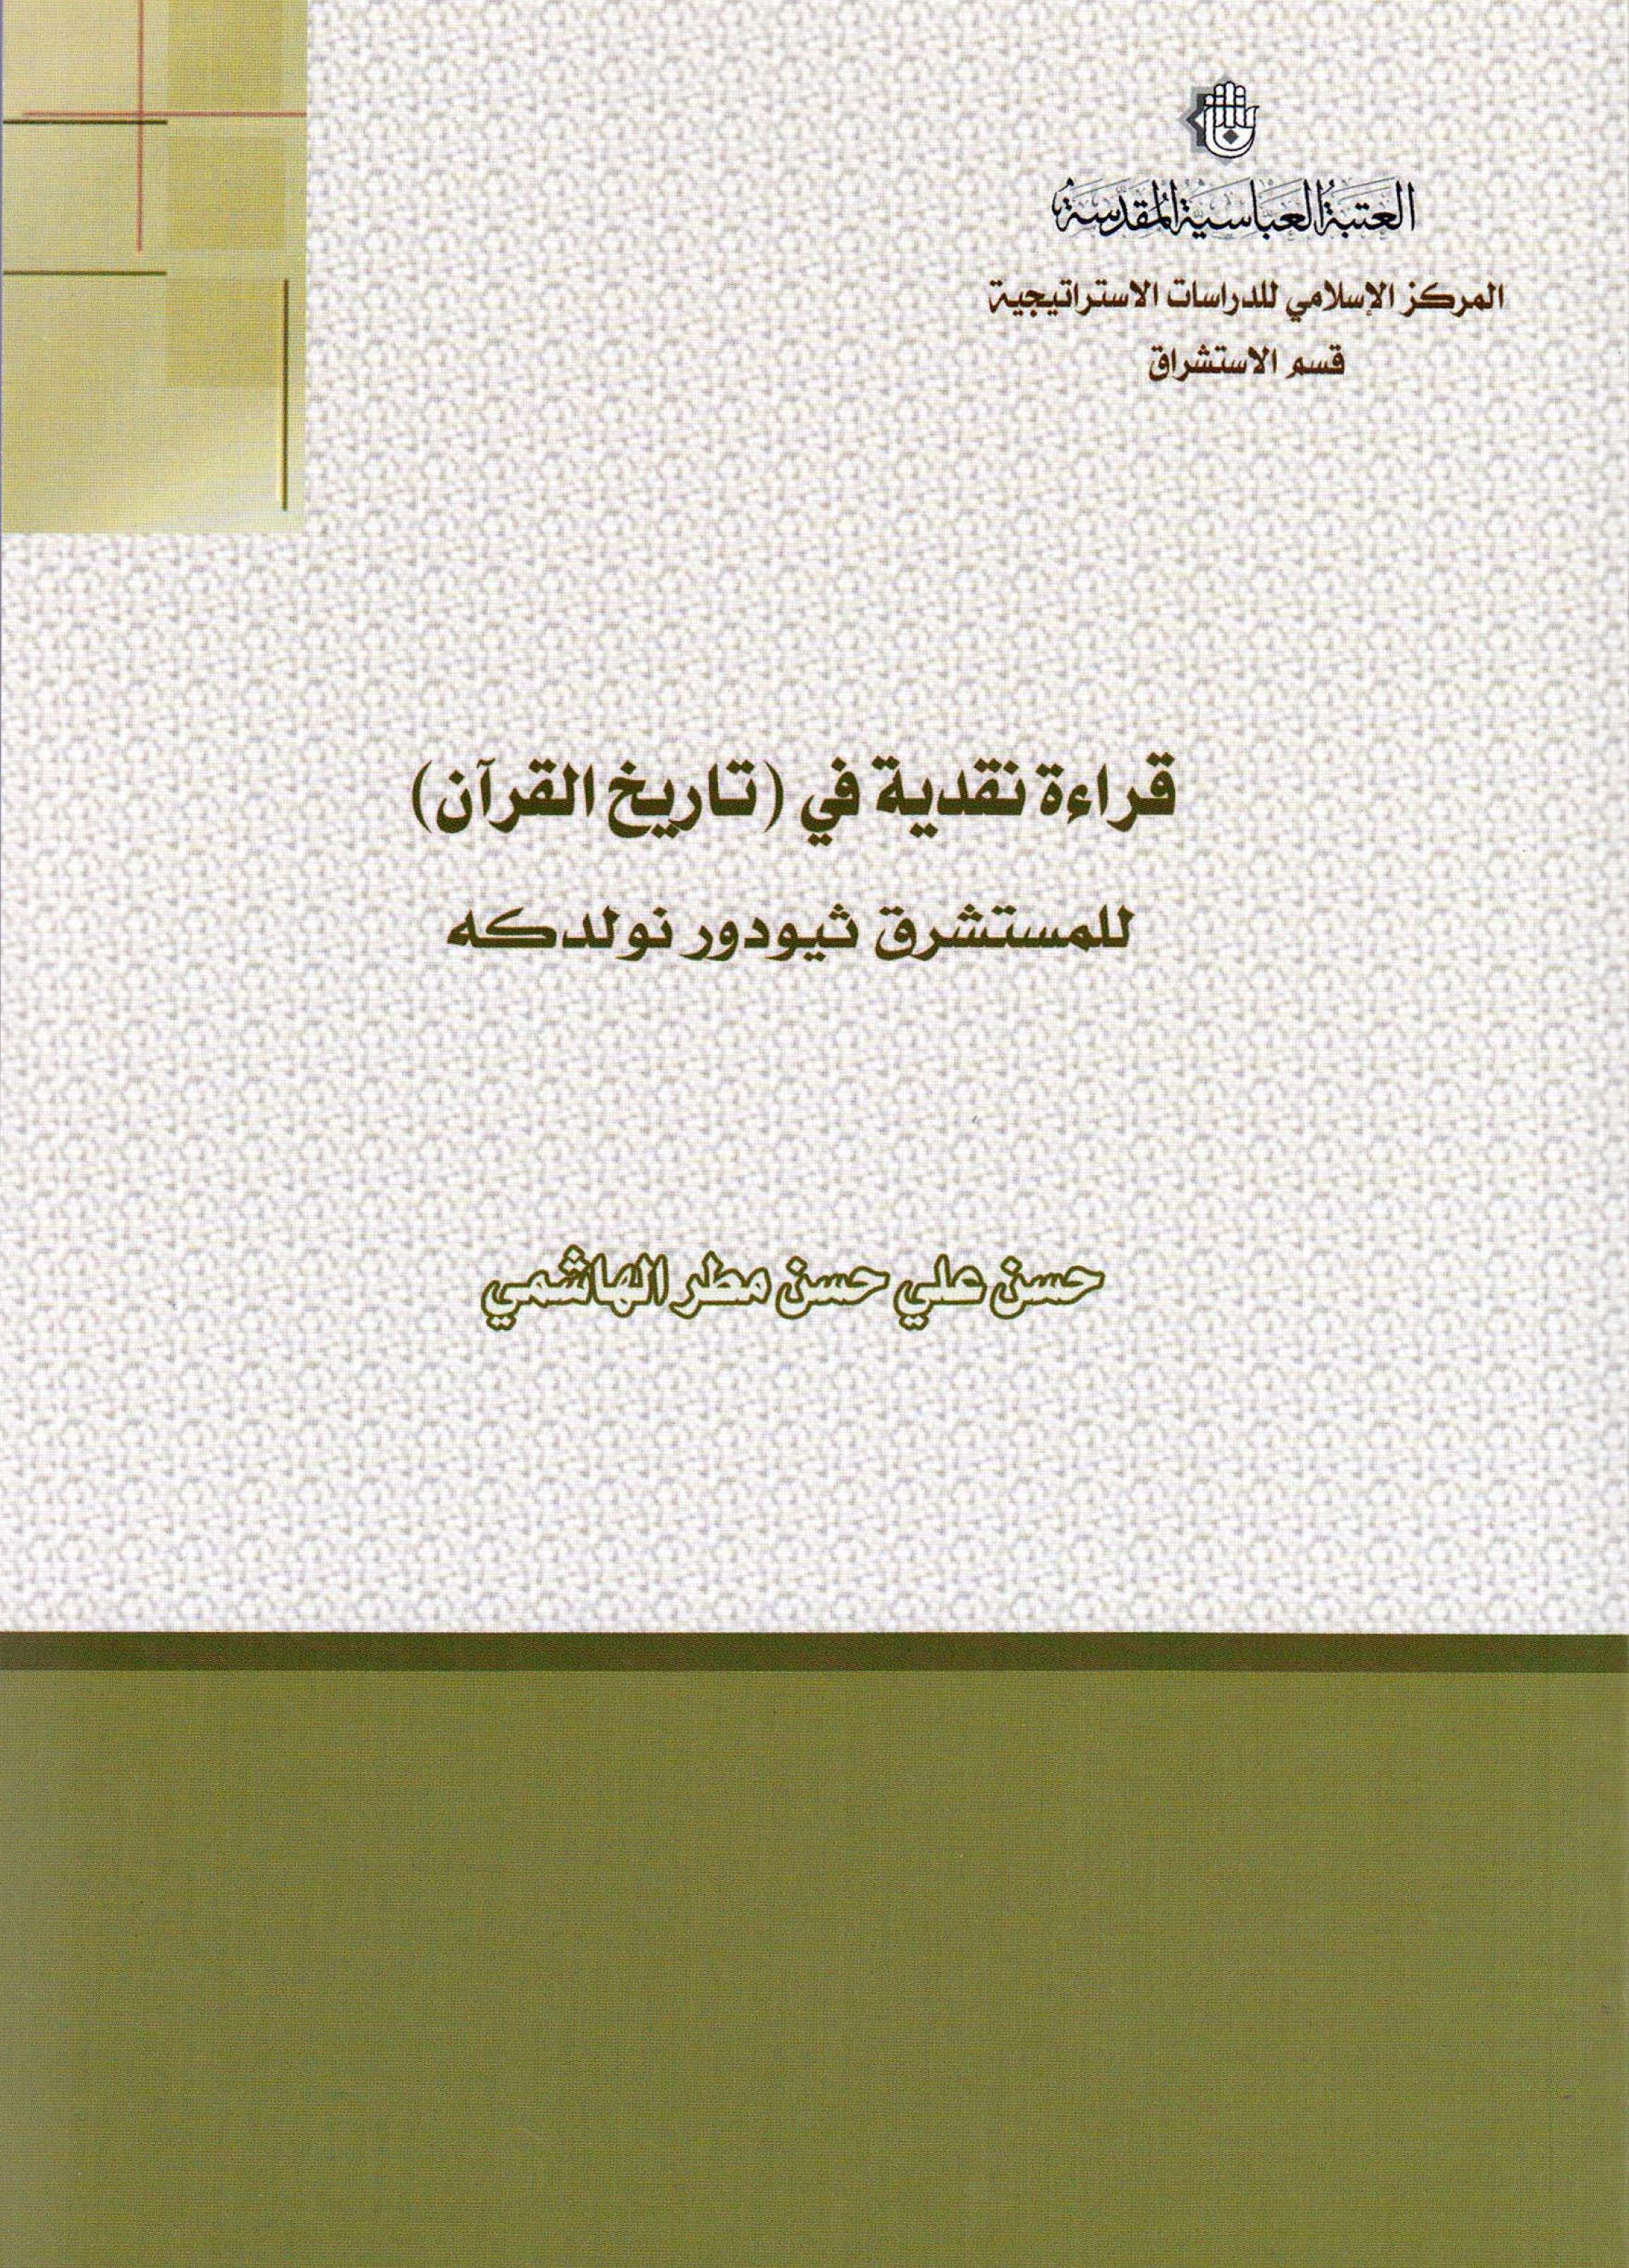 تحميل كتاب قراءة نقدية في «تاريخ القرآن» للمستشرق ثيودور نولدكه لـِ: حسن علي حسن مطر الهاشمي